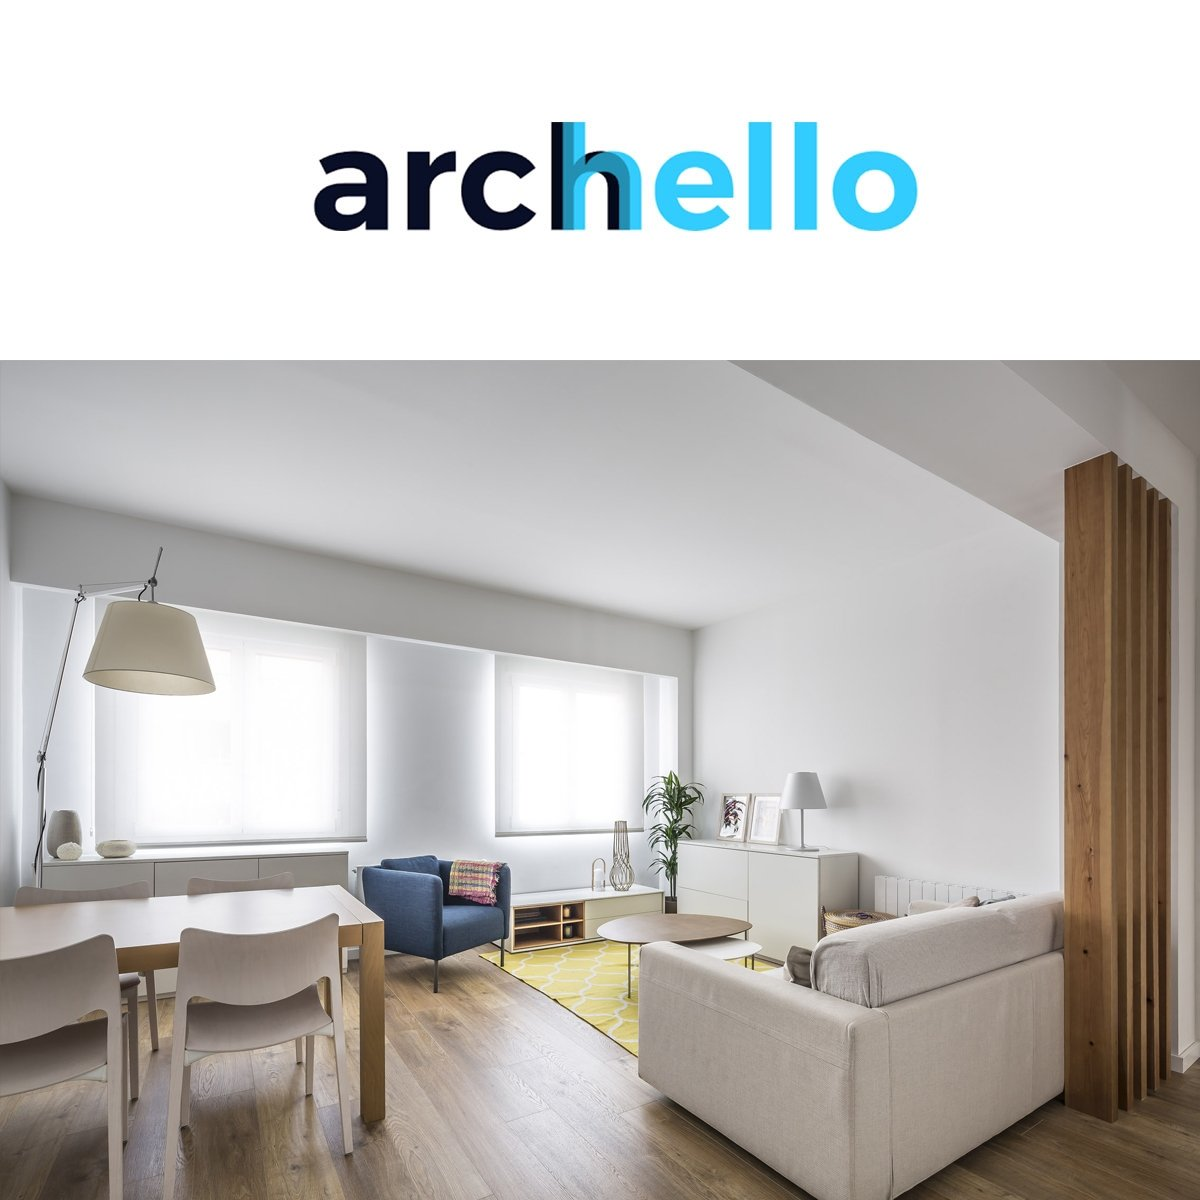 Archello